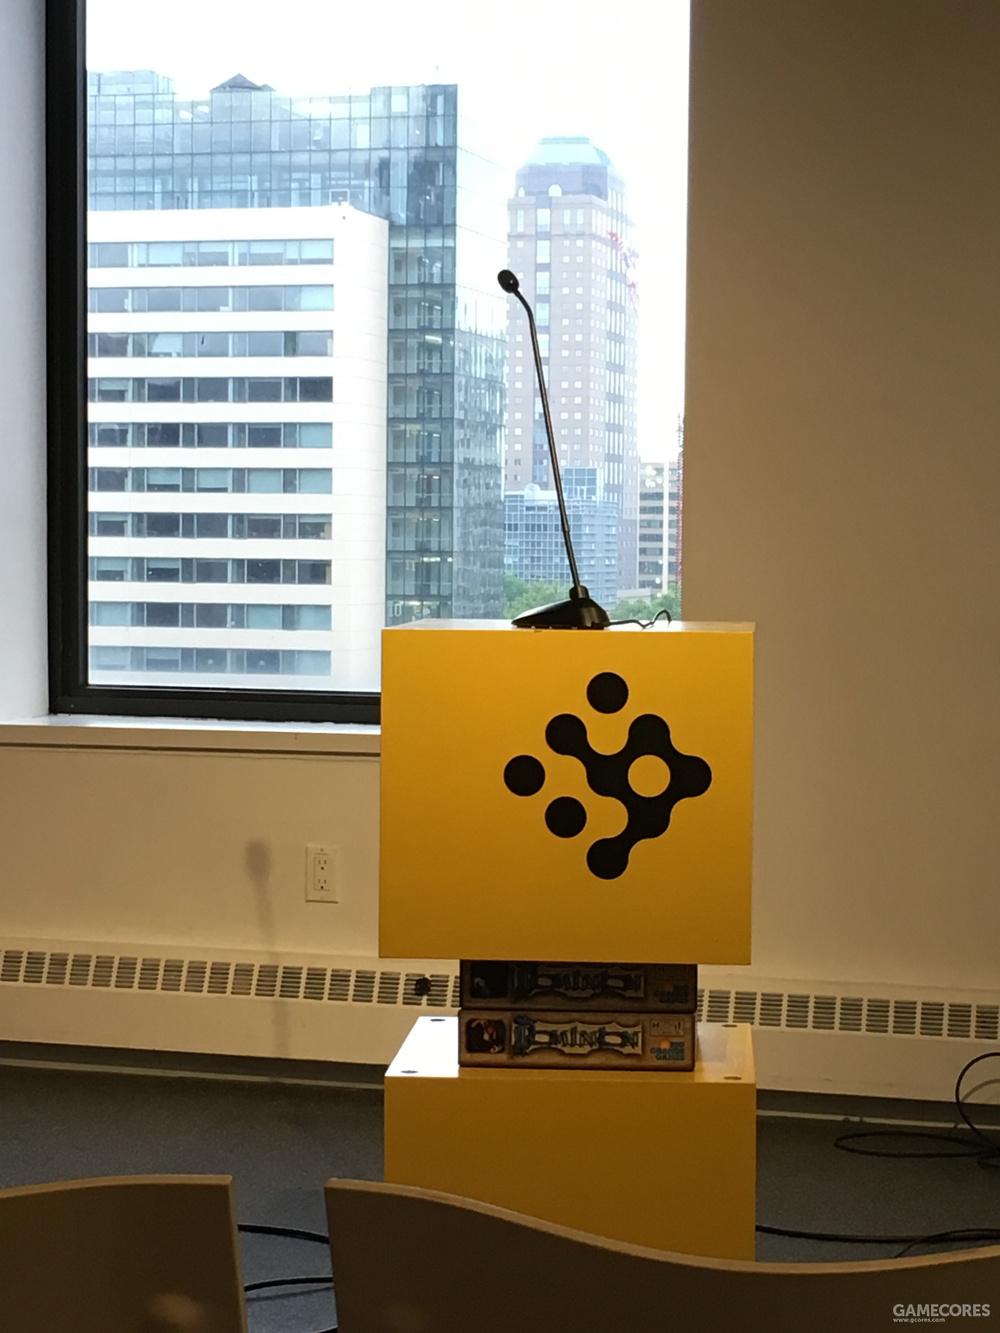 纽约大学游戏中心的黄色演讲台